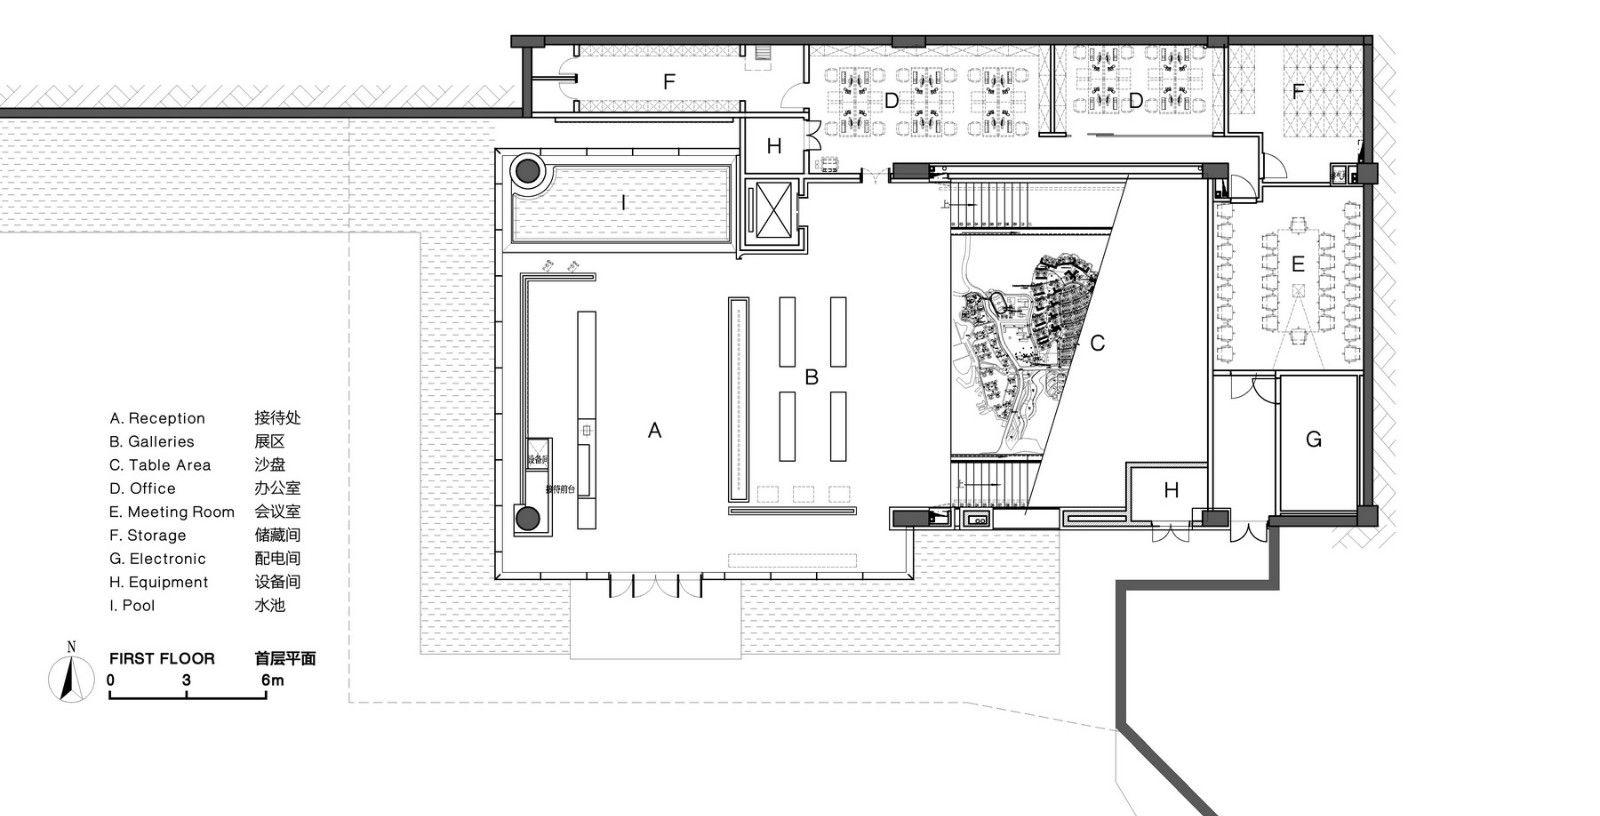 叙事·梧州美的城市展厅 | 共生形态设计|彭征 - 35